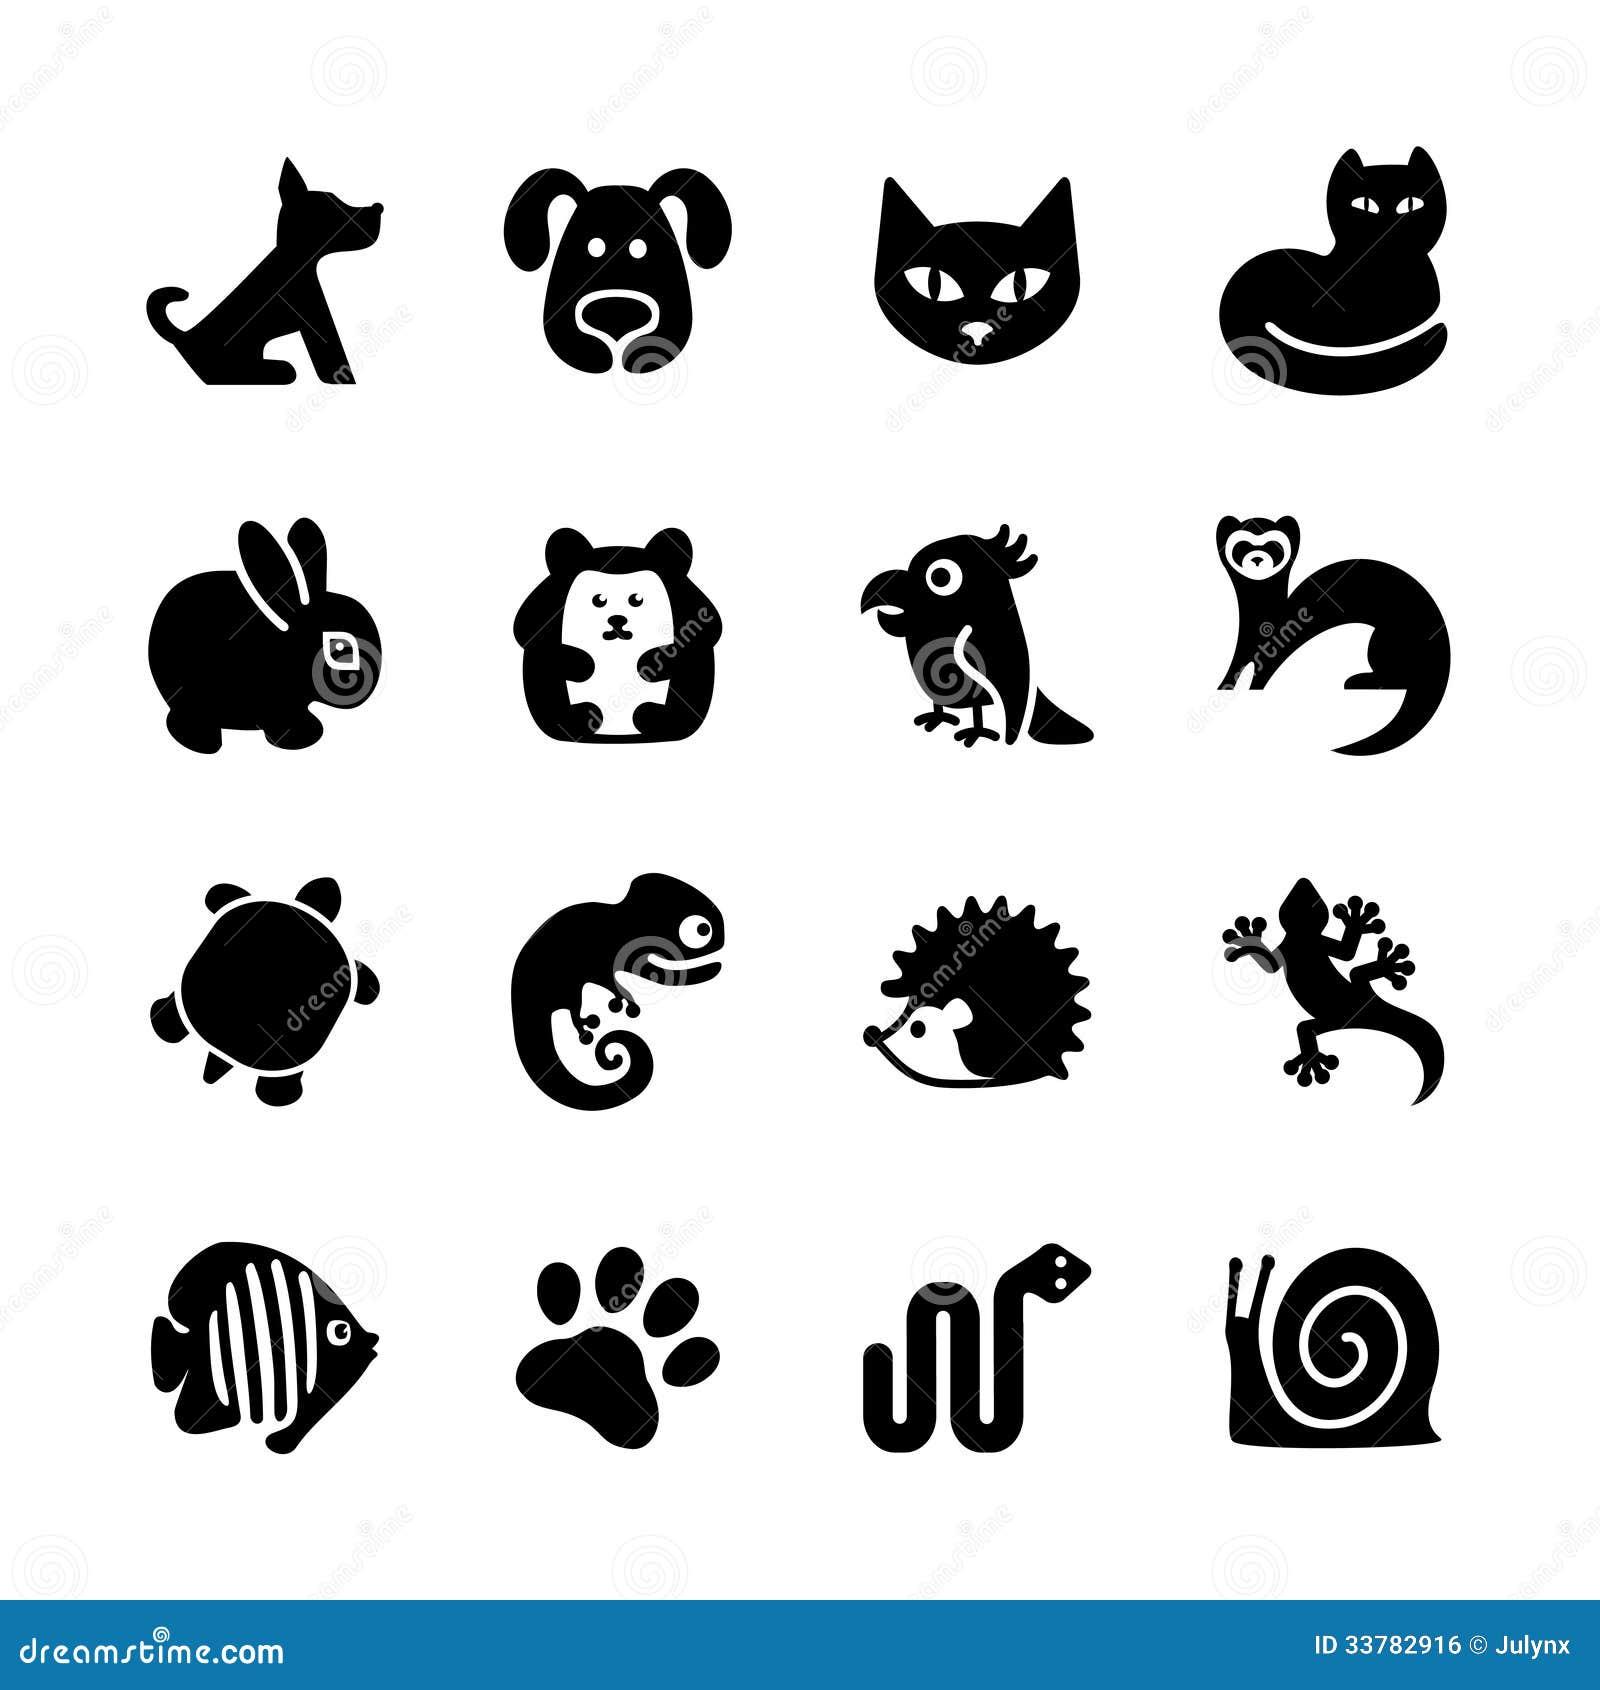 Σύνολο εικονιδίων Ιστού. Κατάστημα της Pet, τύποι κατοικίδιων ζώων.